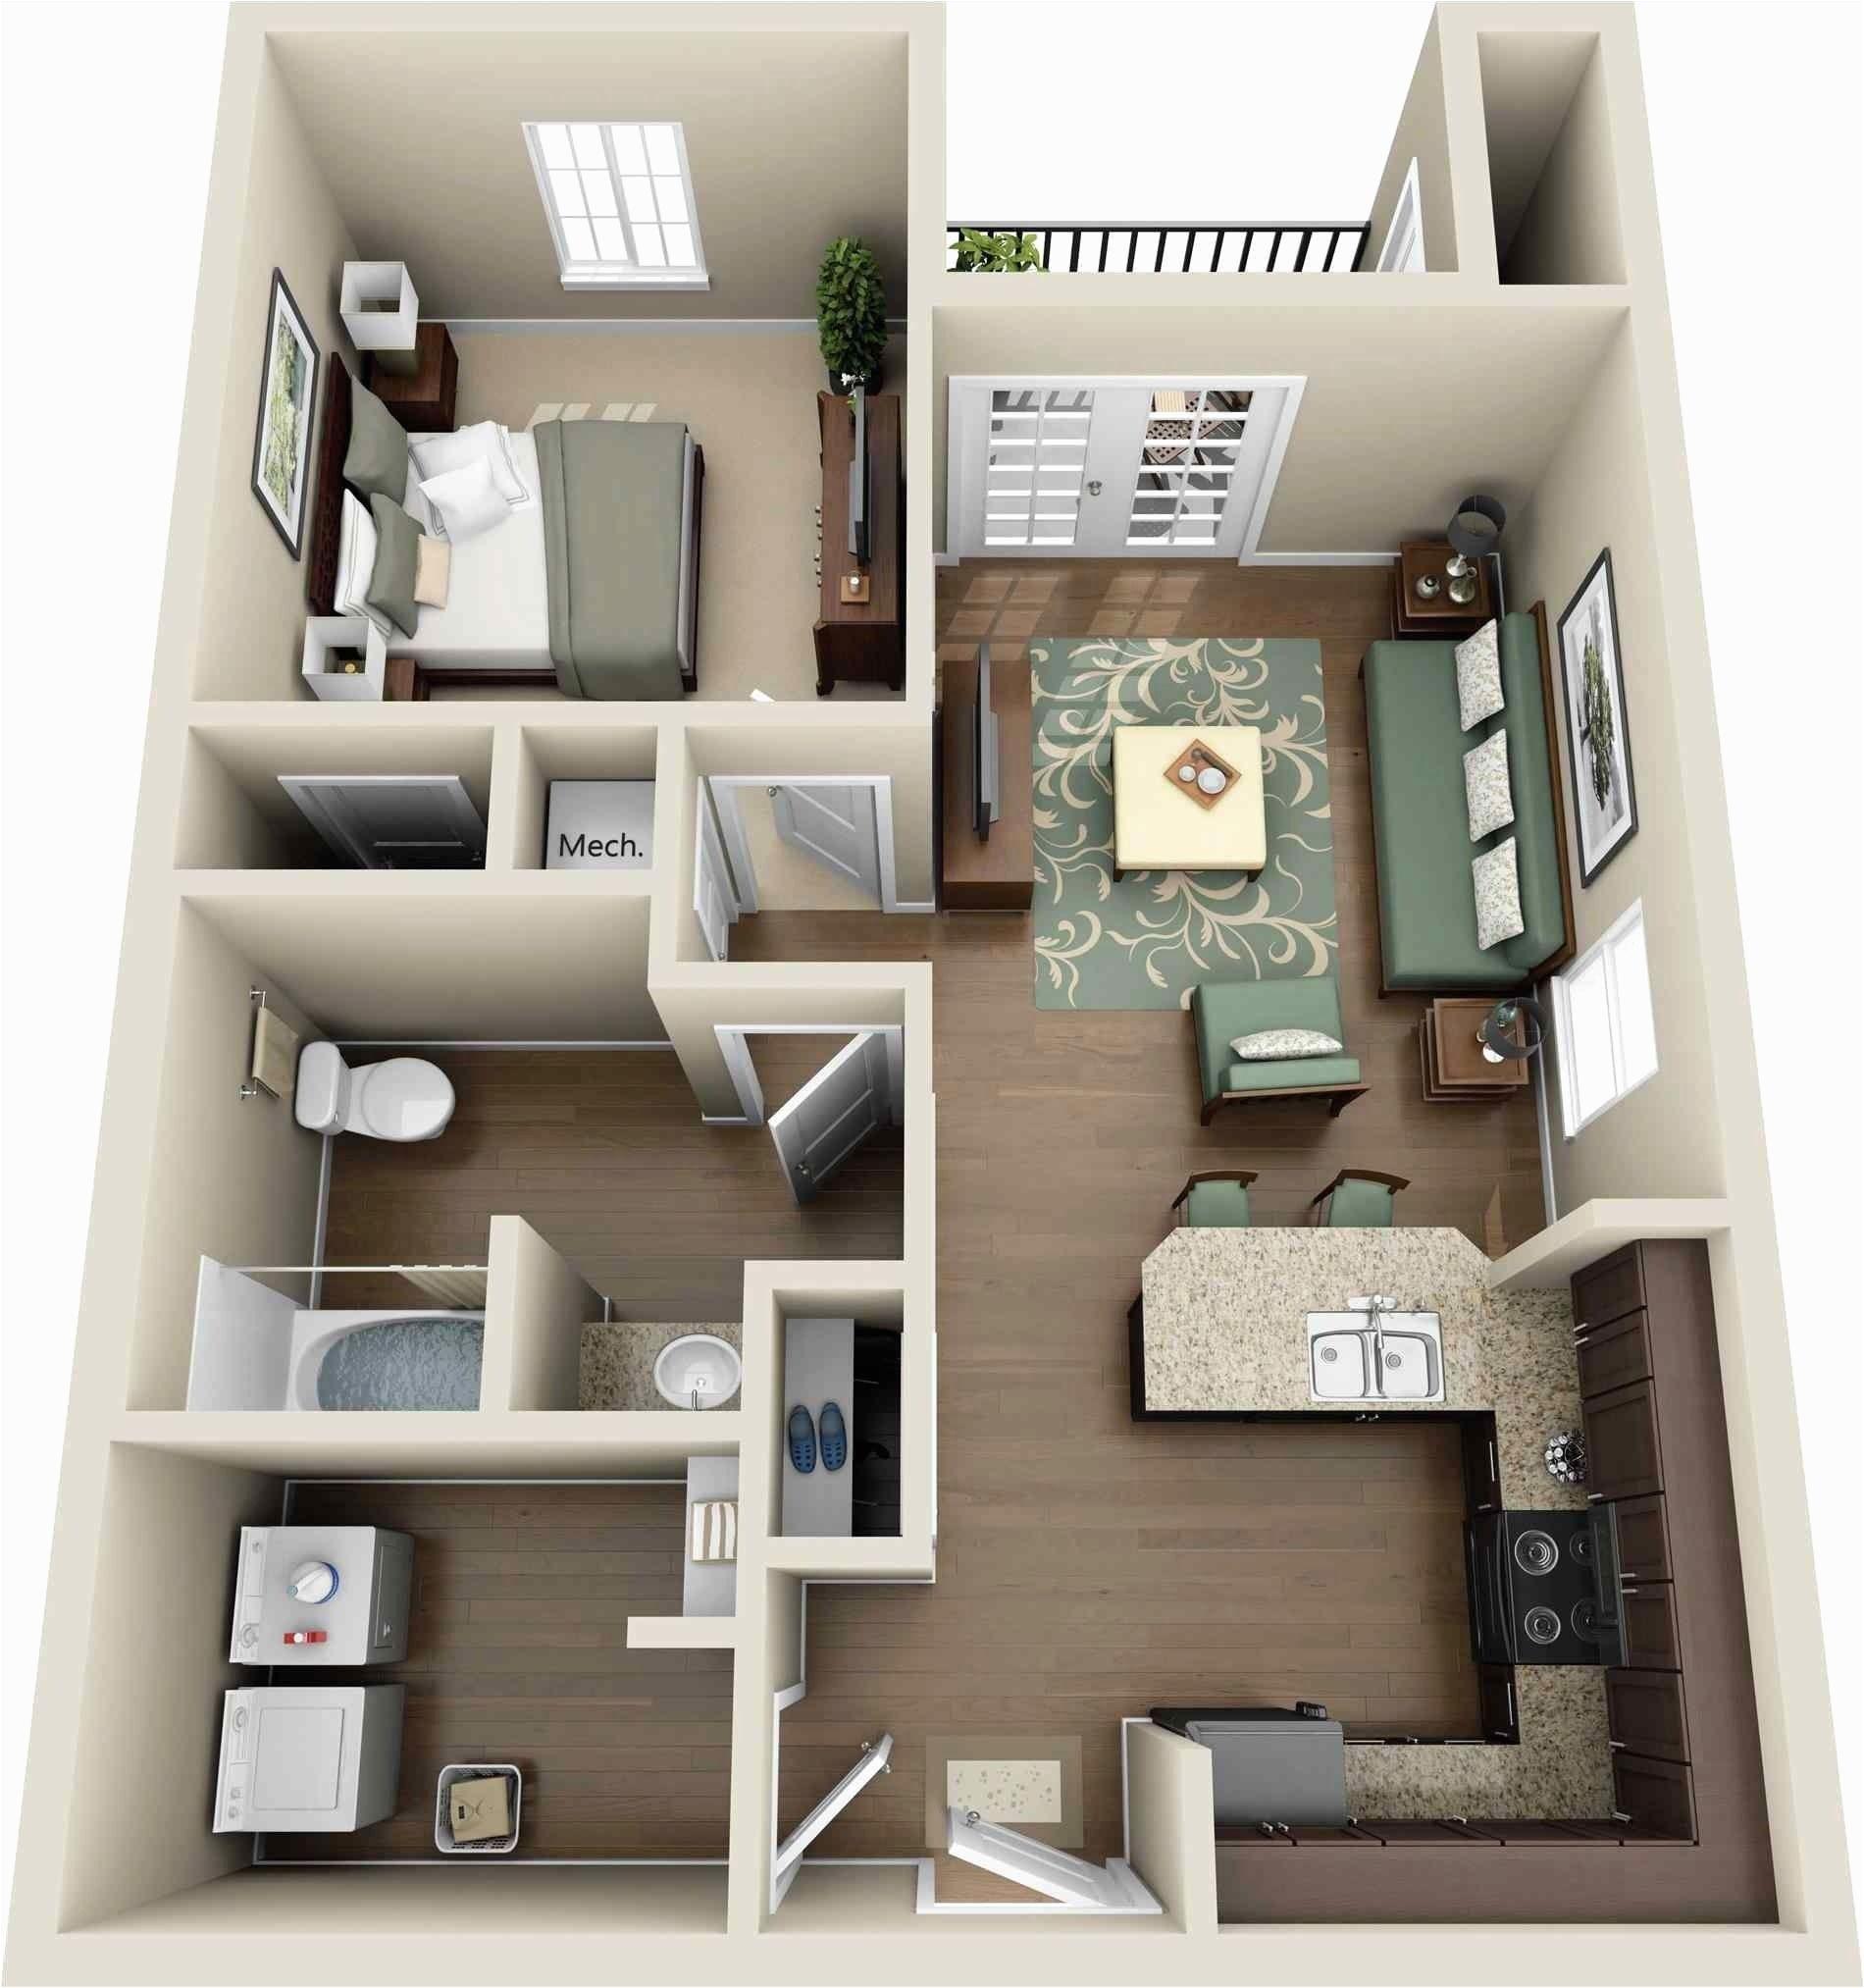 3 Bedroom Apartments West Wichita Ks 3 Bedroom Apartment Apartment Layout Apartment